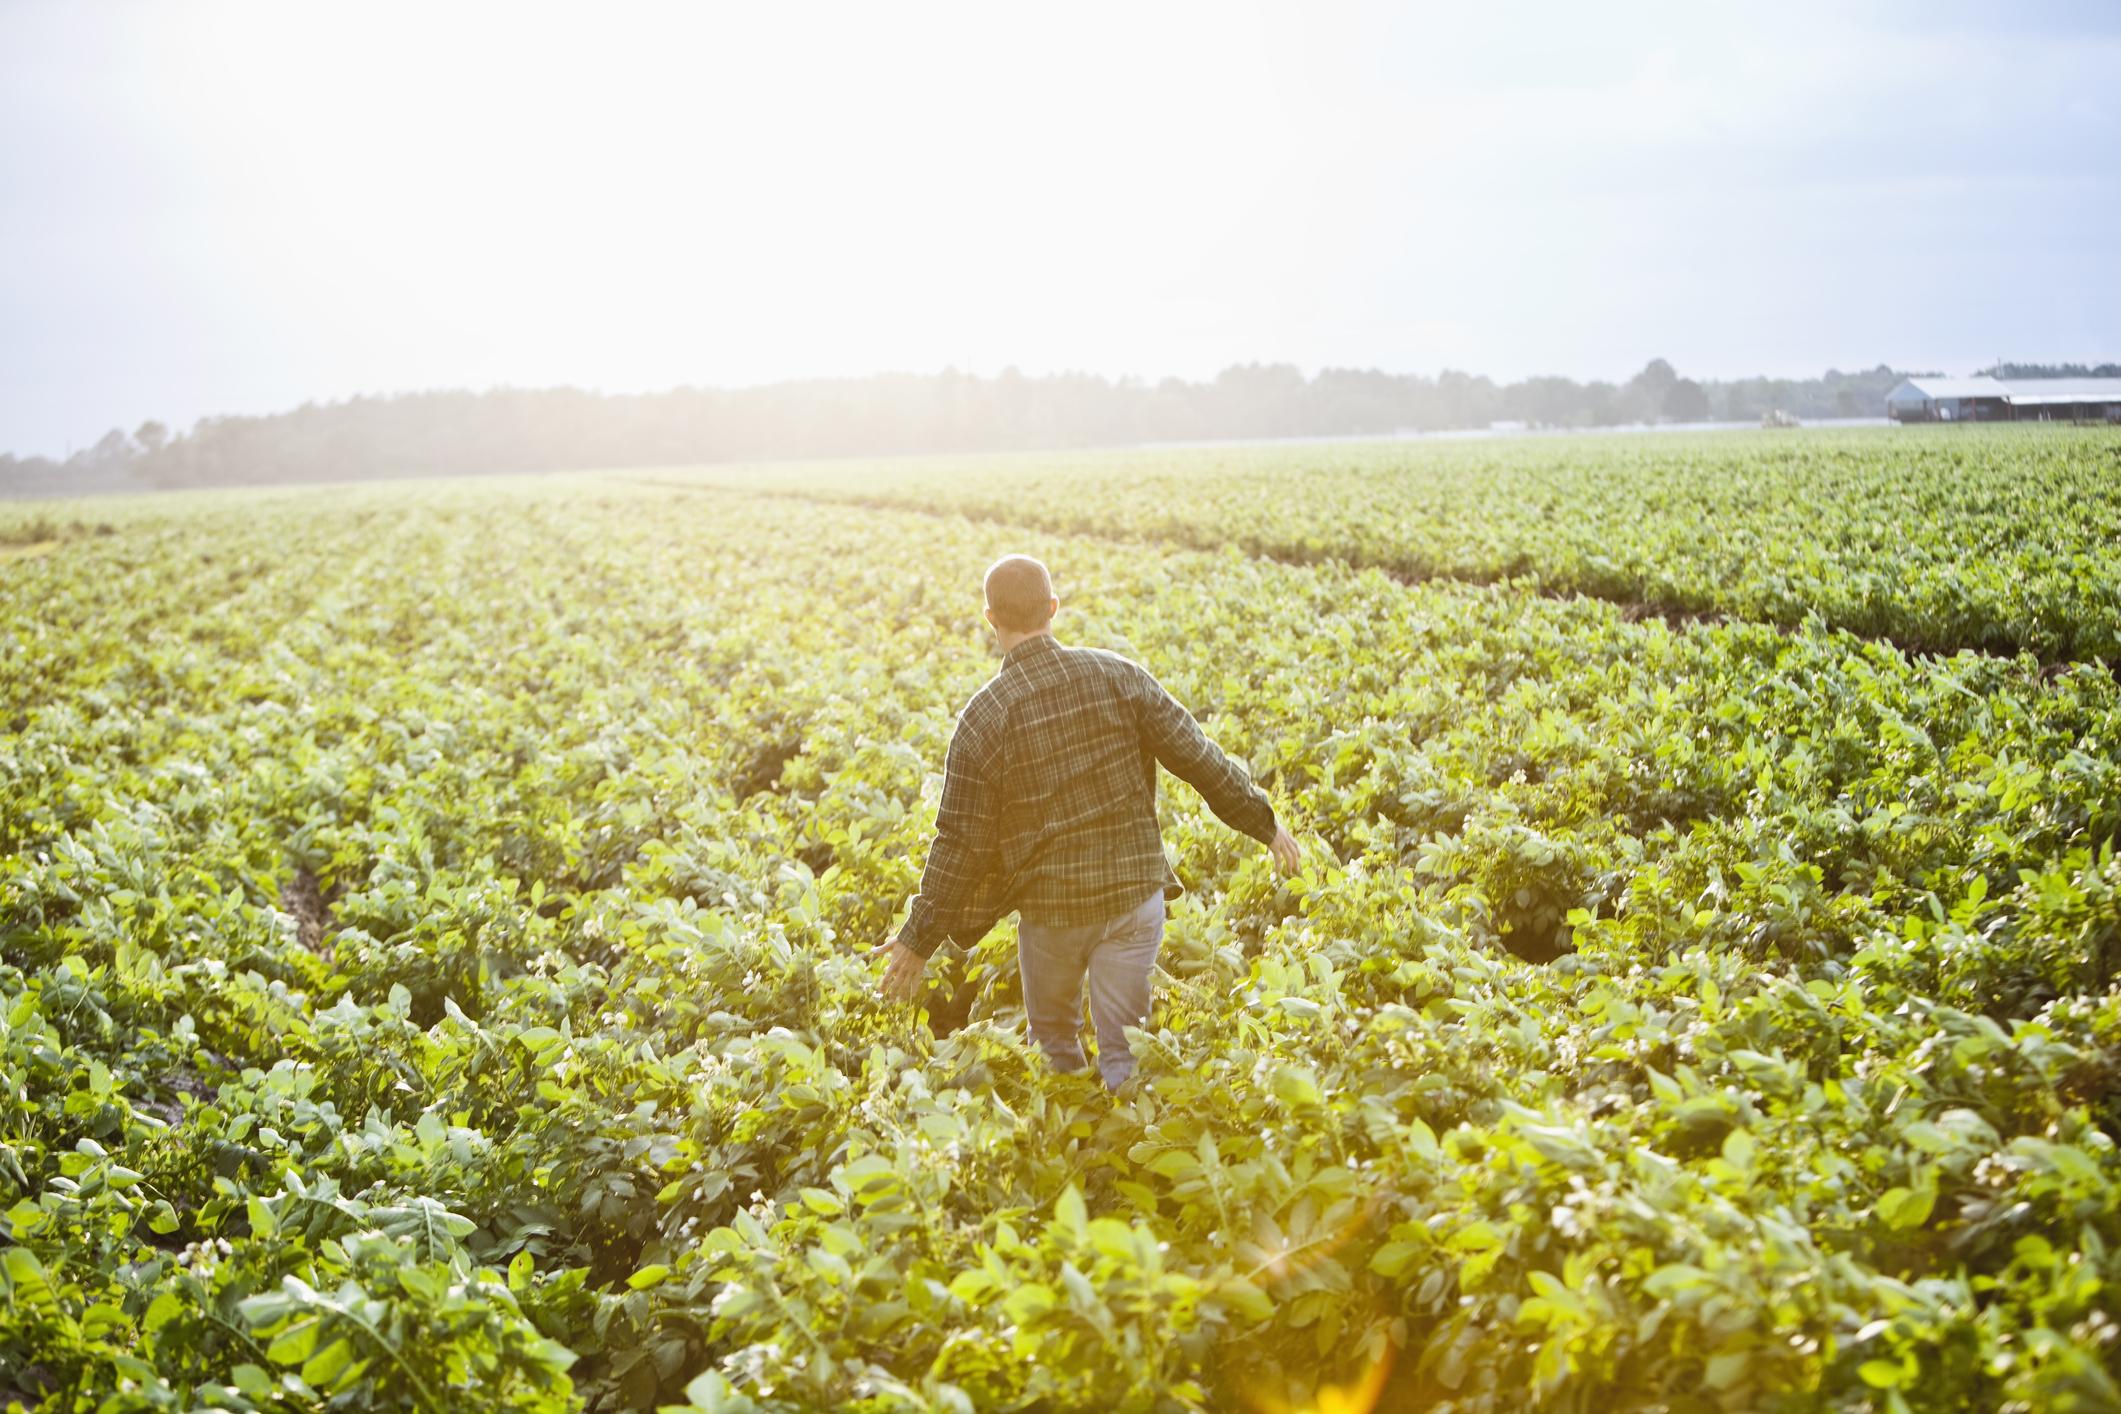 A farmer walking through his field.